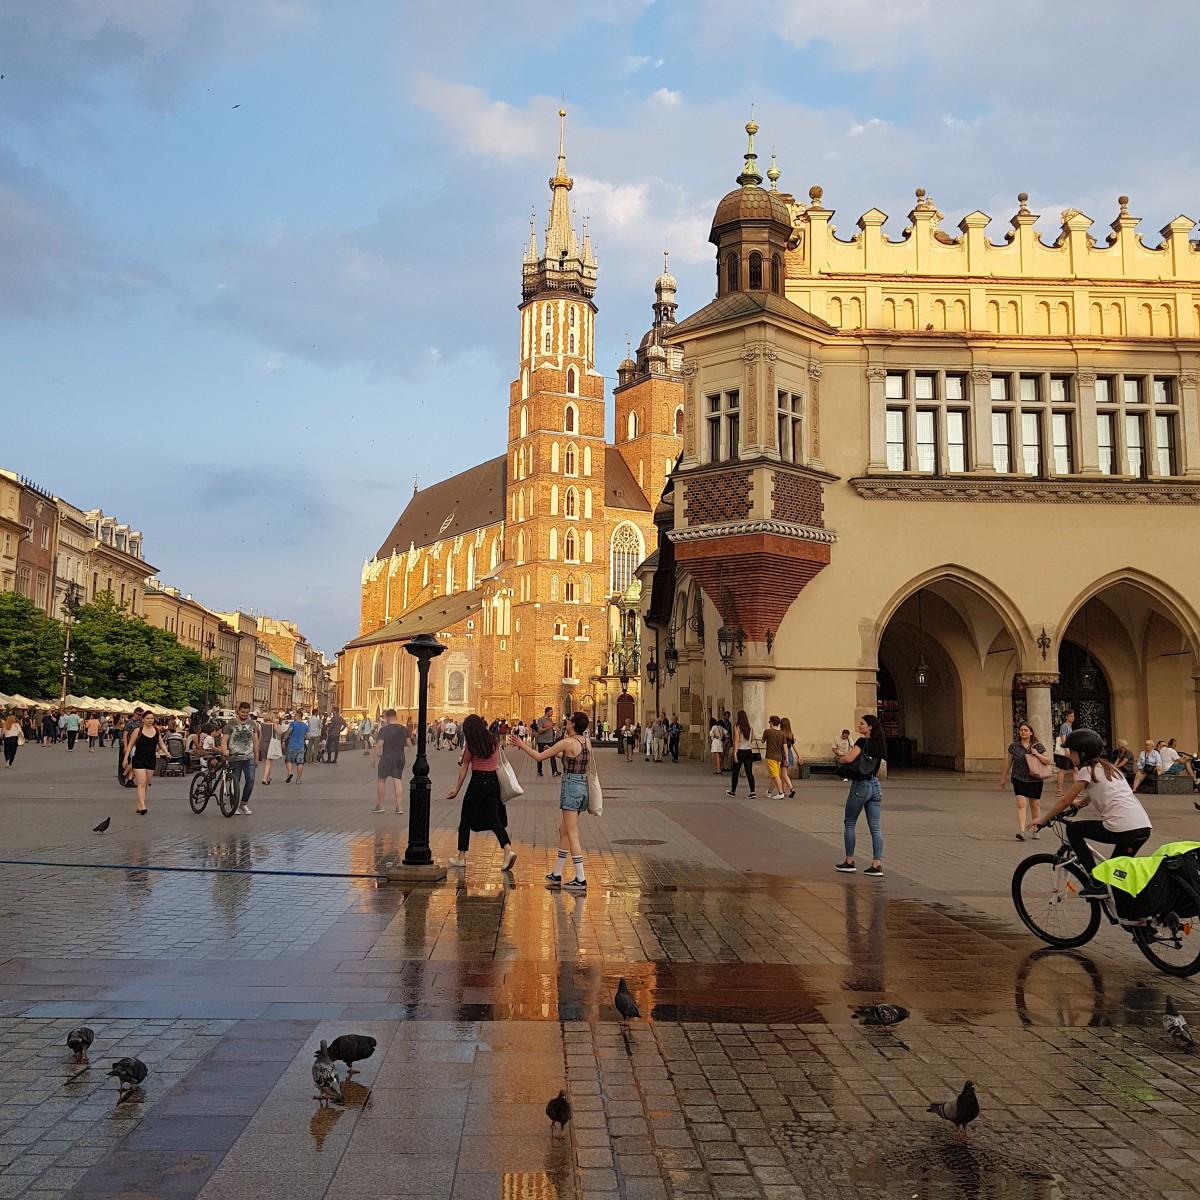 Zdjęcia: Kraków, Małopolska, Mżawka dla ochłody, POLSKA